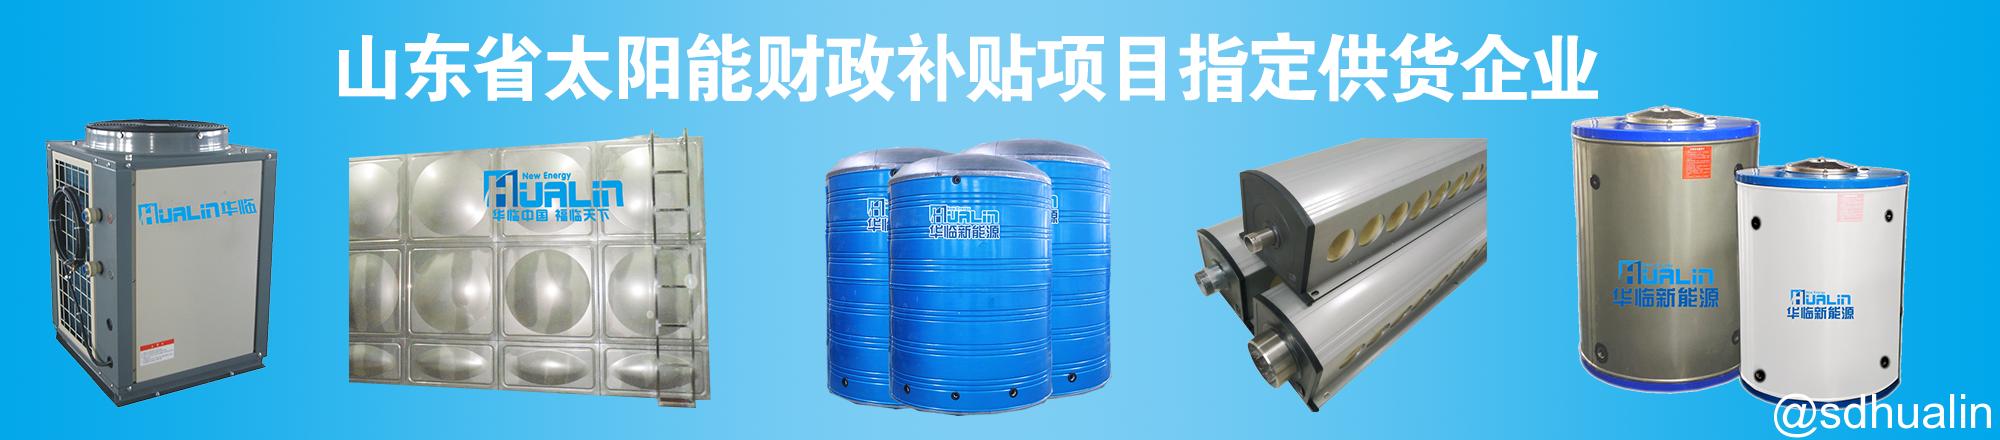 太阳能热水系统产品